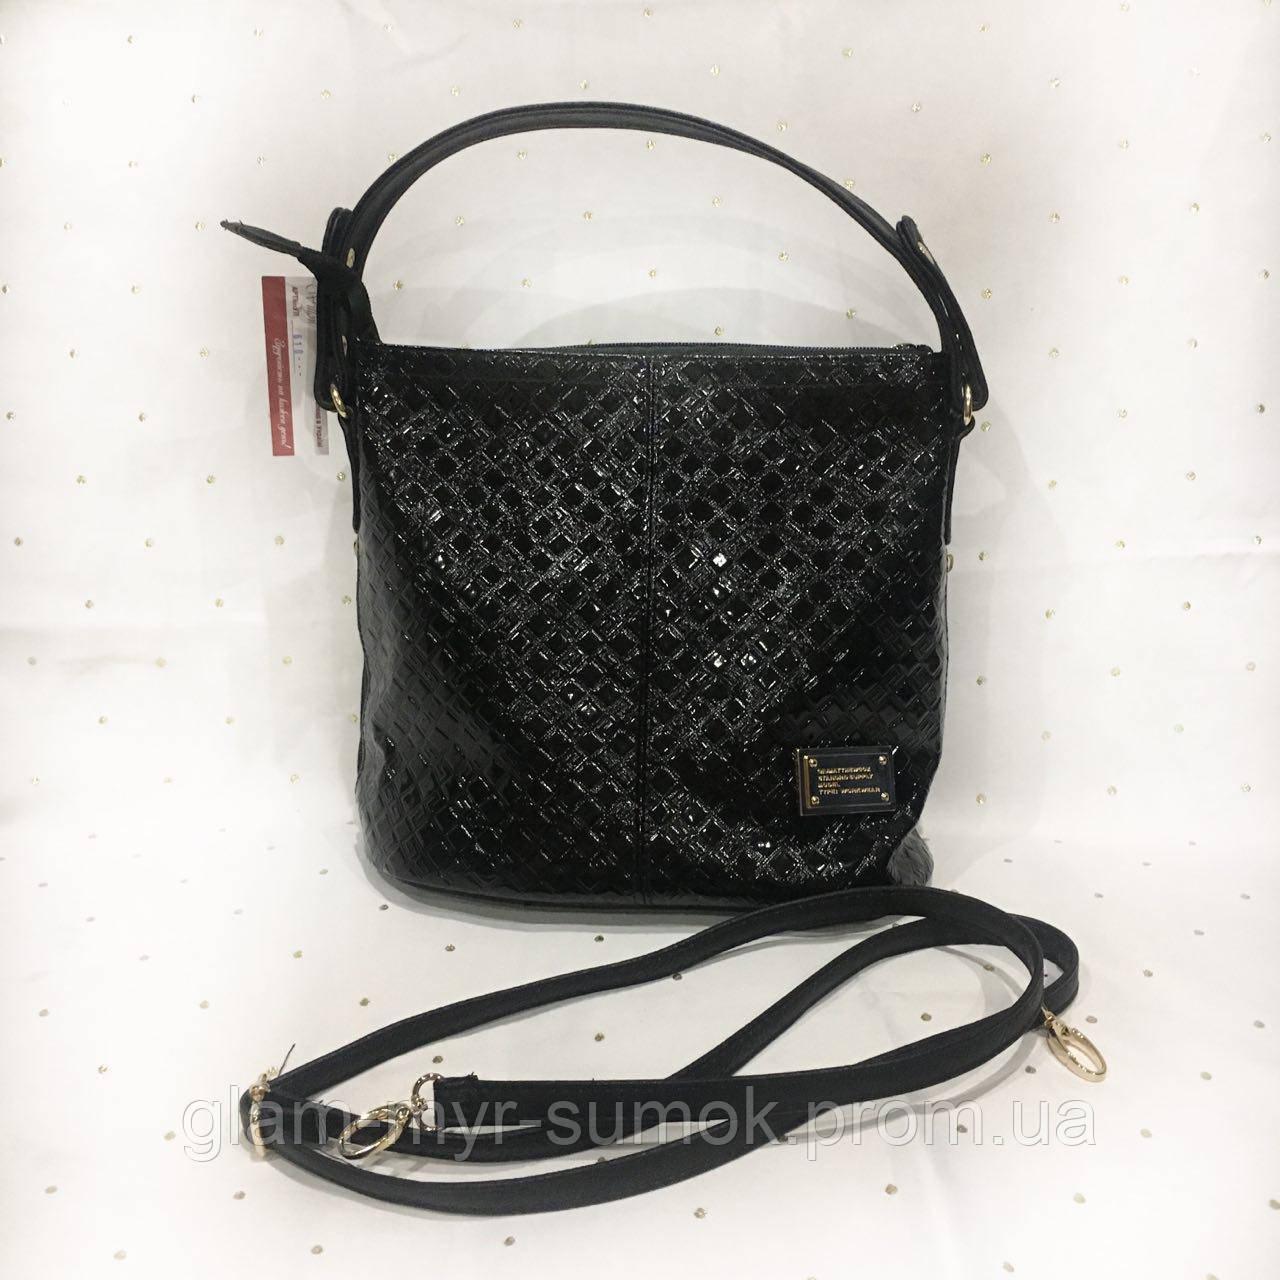 48da20a5 Сумка Женская черная с лаковой отделкой - Интернет-магазин